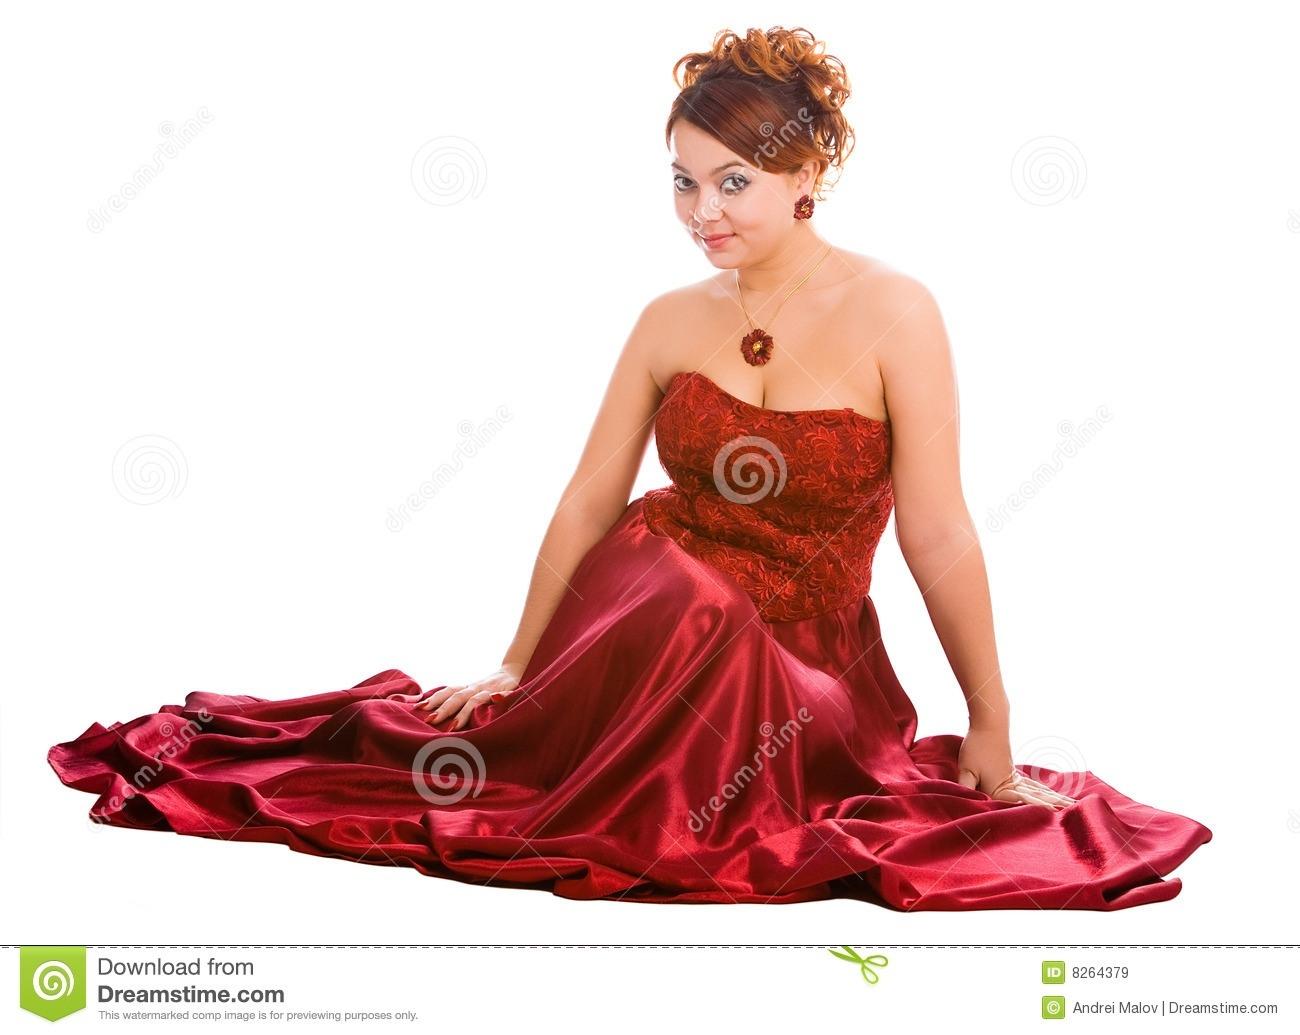 Abend Schön Frau Im Abendkleid für 201917 Fantastisch Frau Im Abendkleid Spezialgebiet